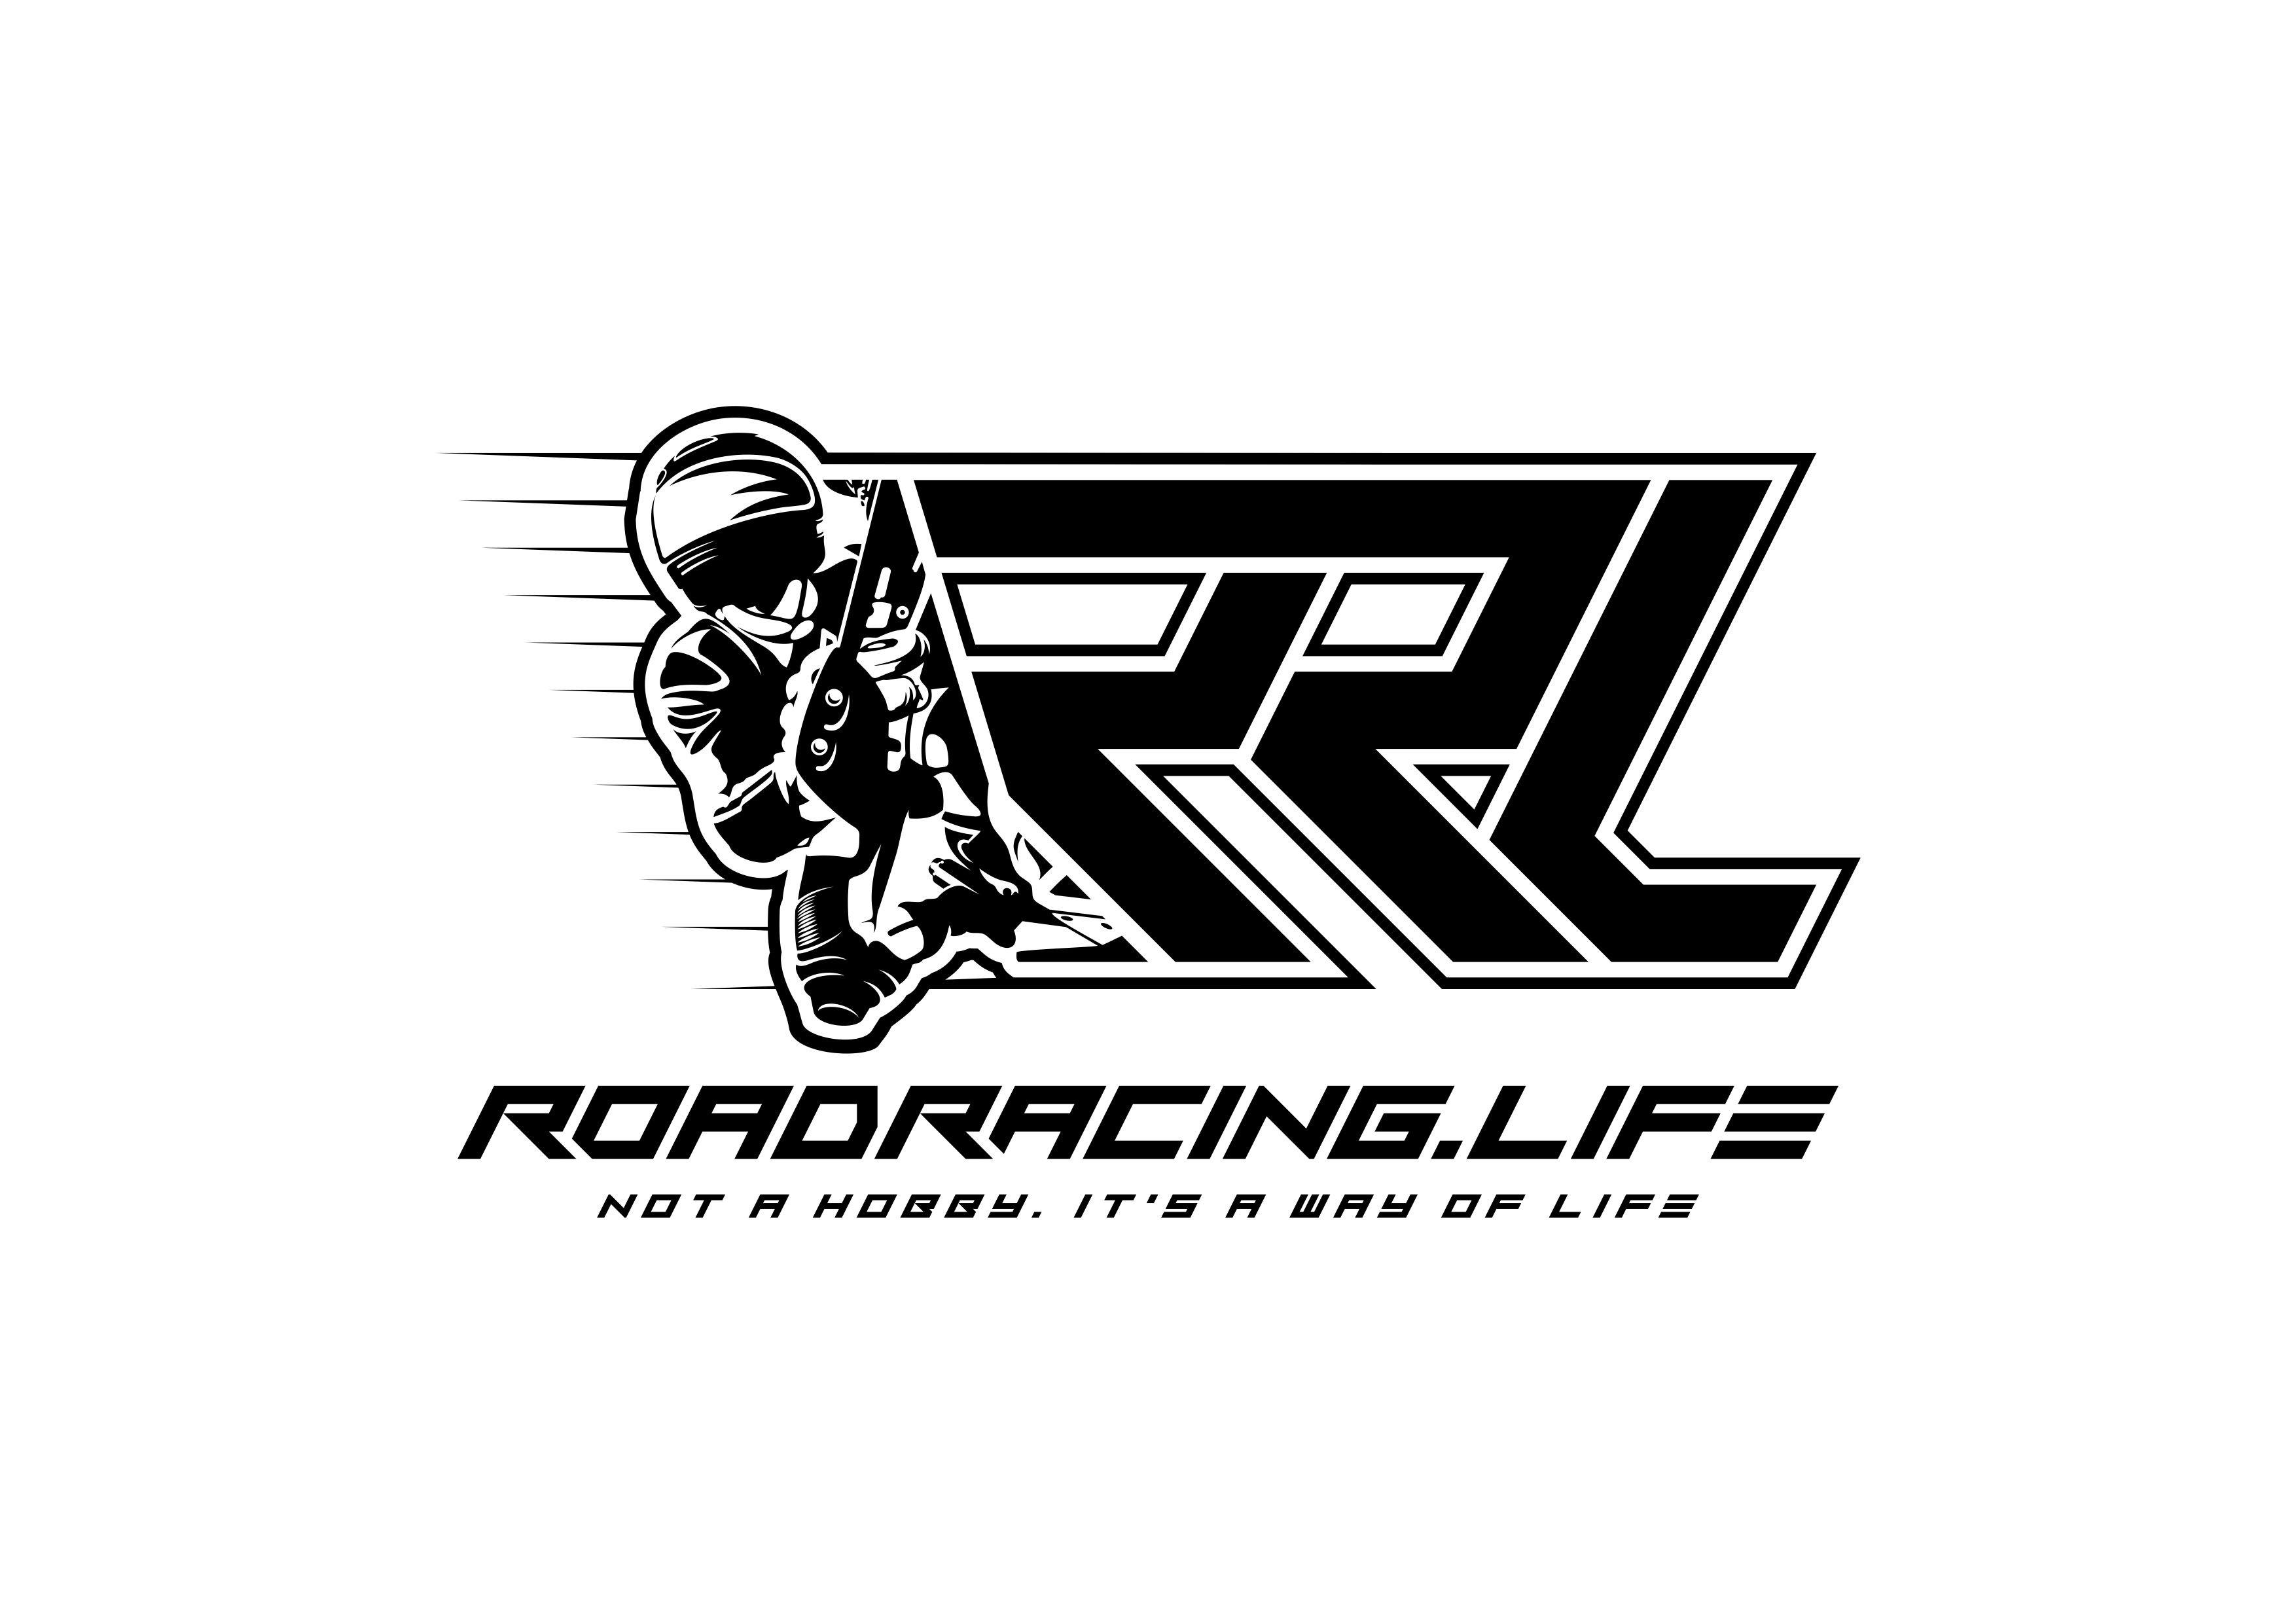 RoadRacing.Life